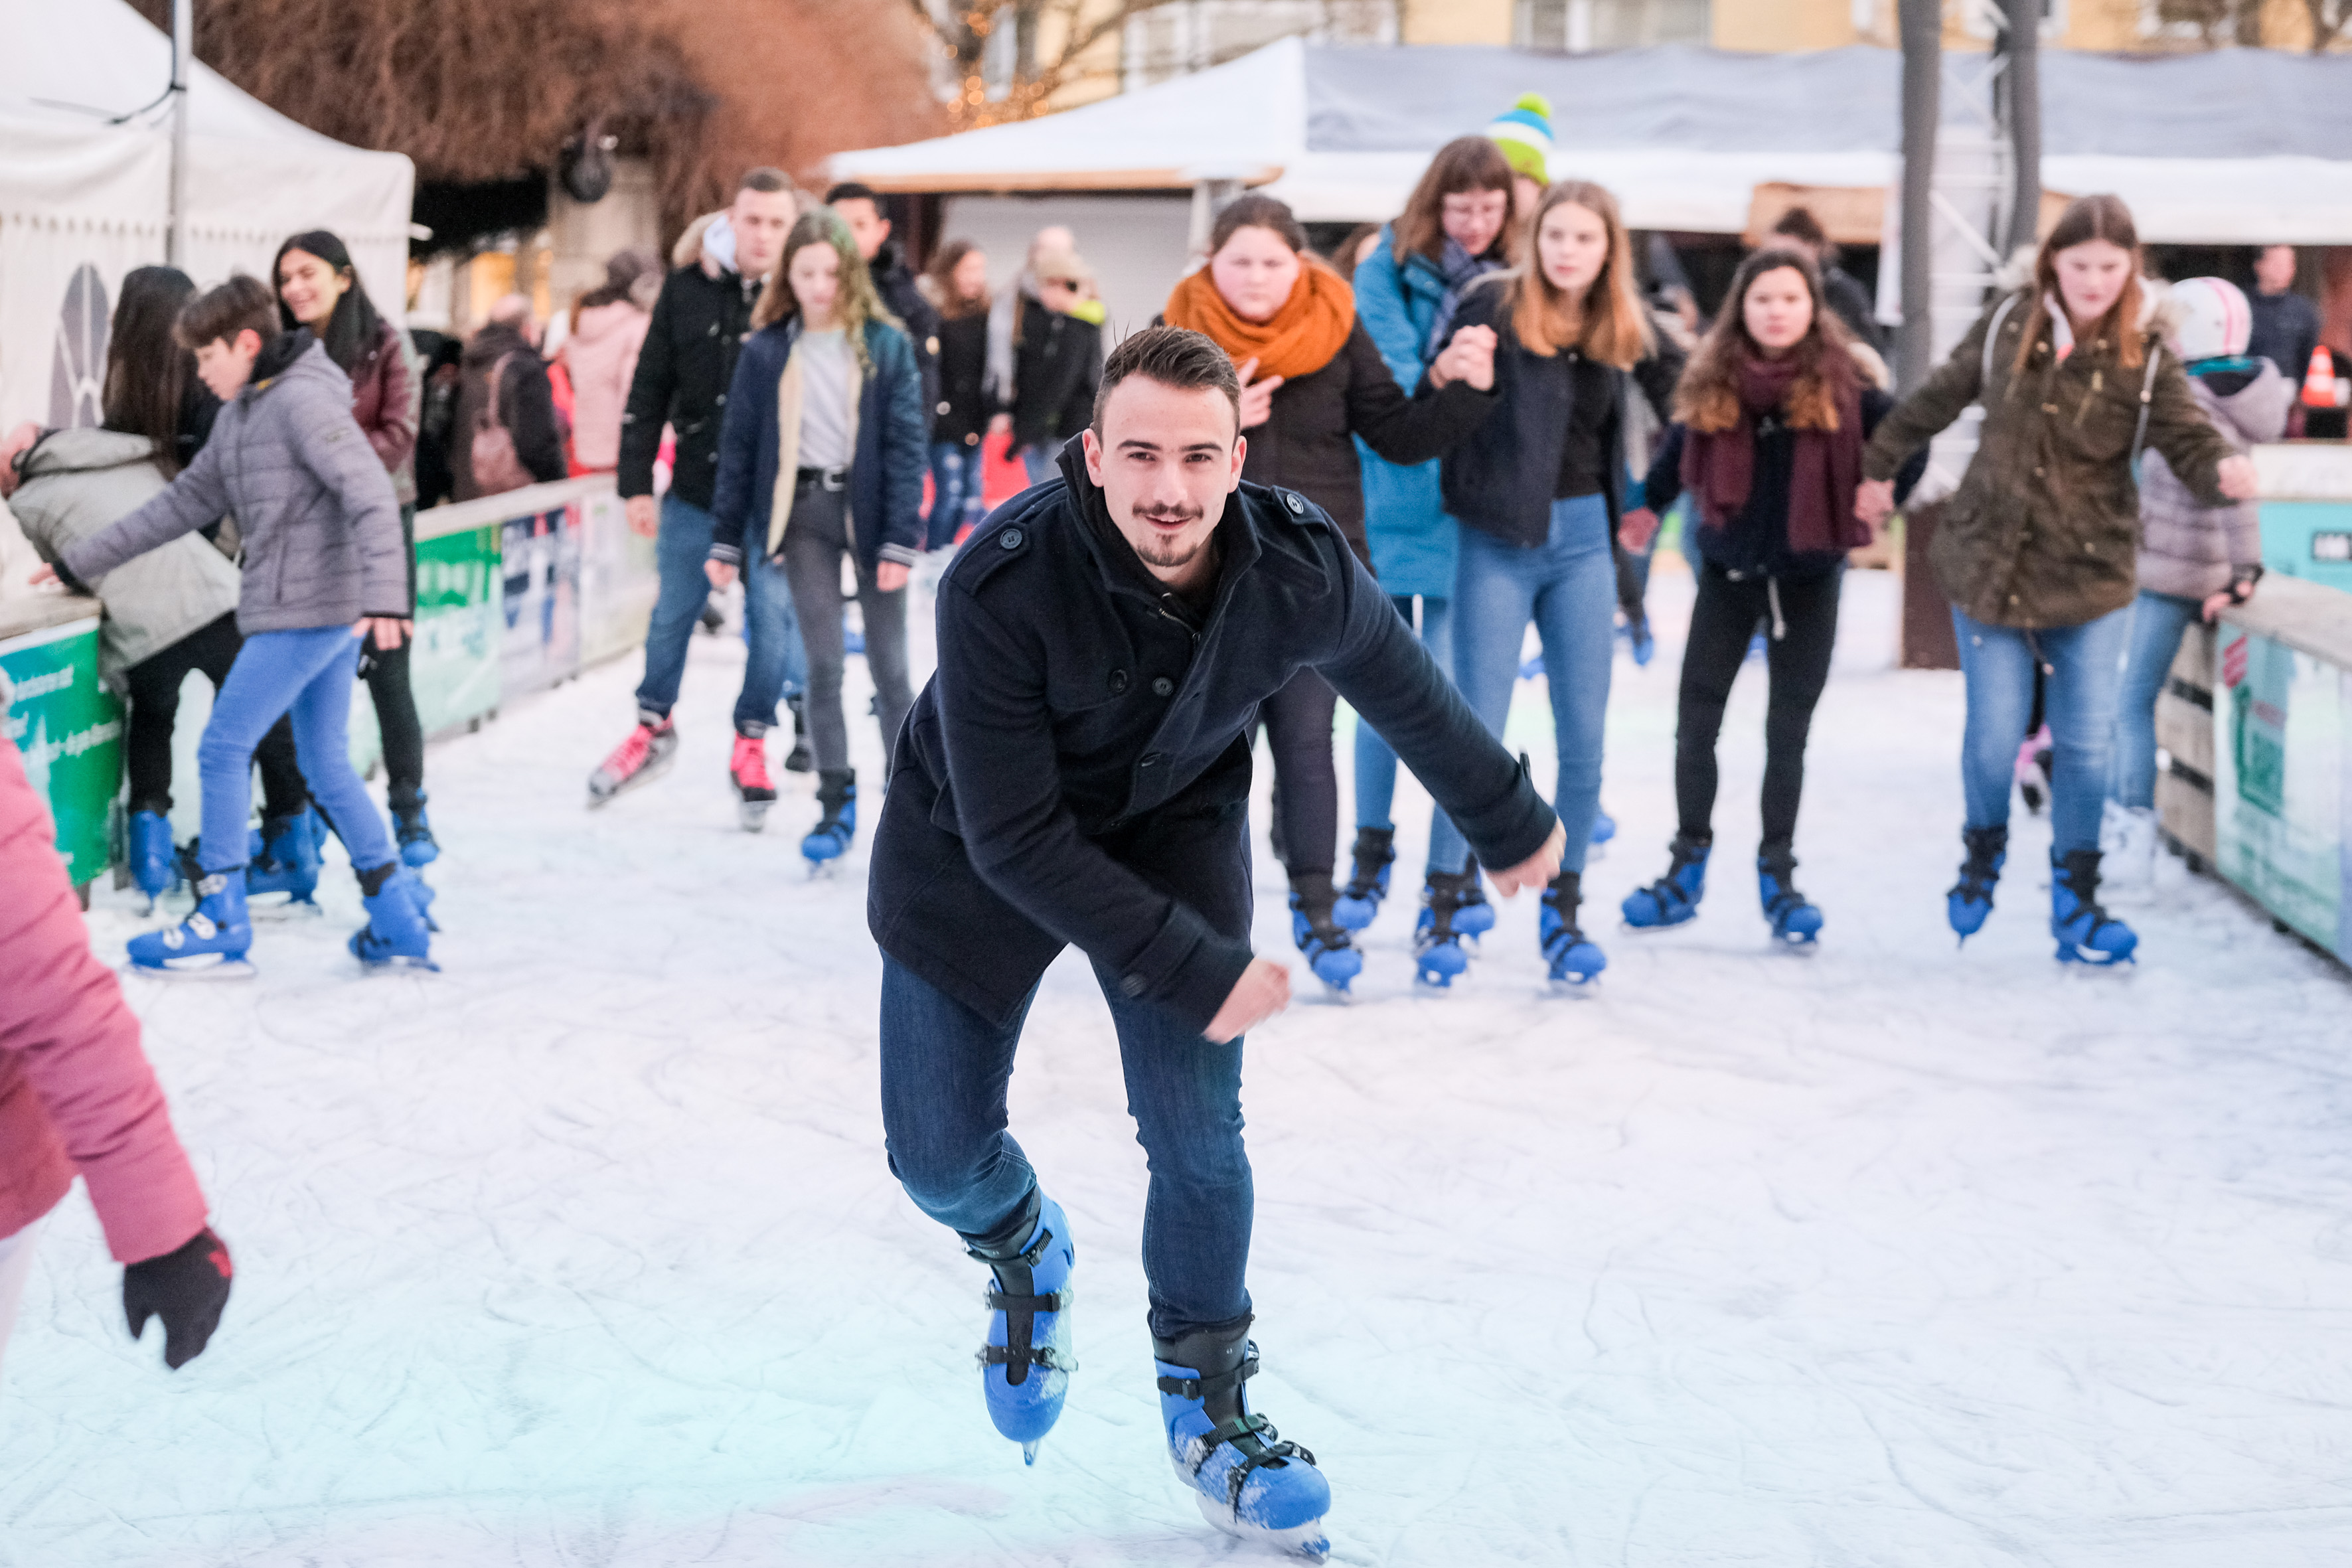 Ob Eisschnelllauf oder Eiskunstlauf, bei der Hildesheimer Eiszeit ist beides möglich. Foto: Hildesheim Marketing GmbH/Clemens Heidrich